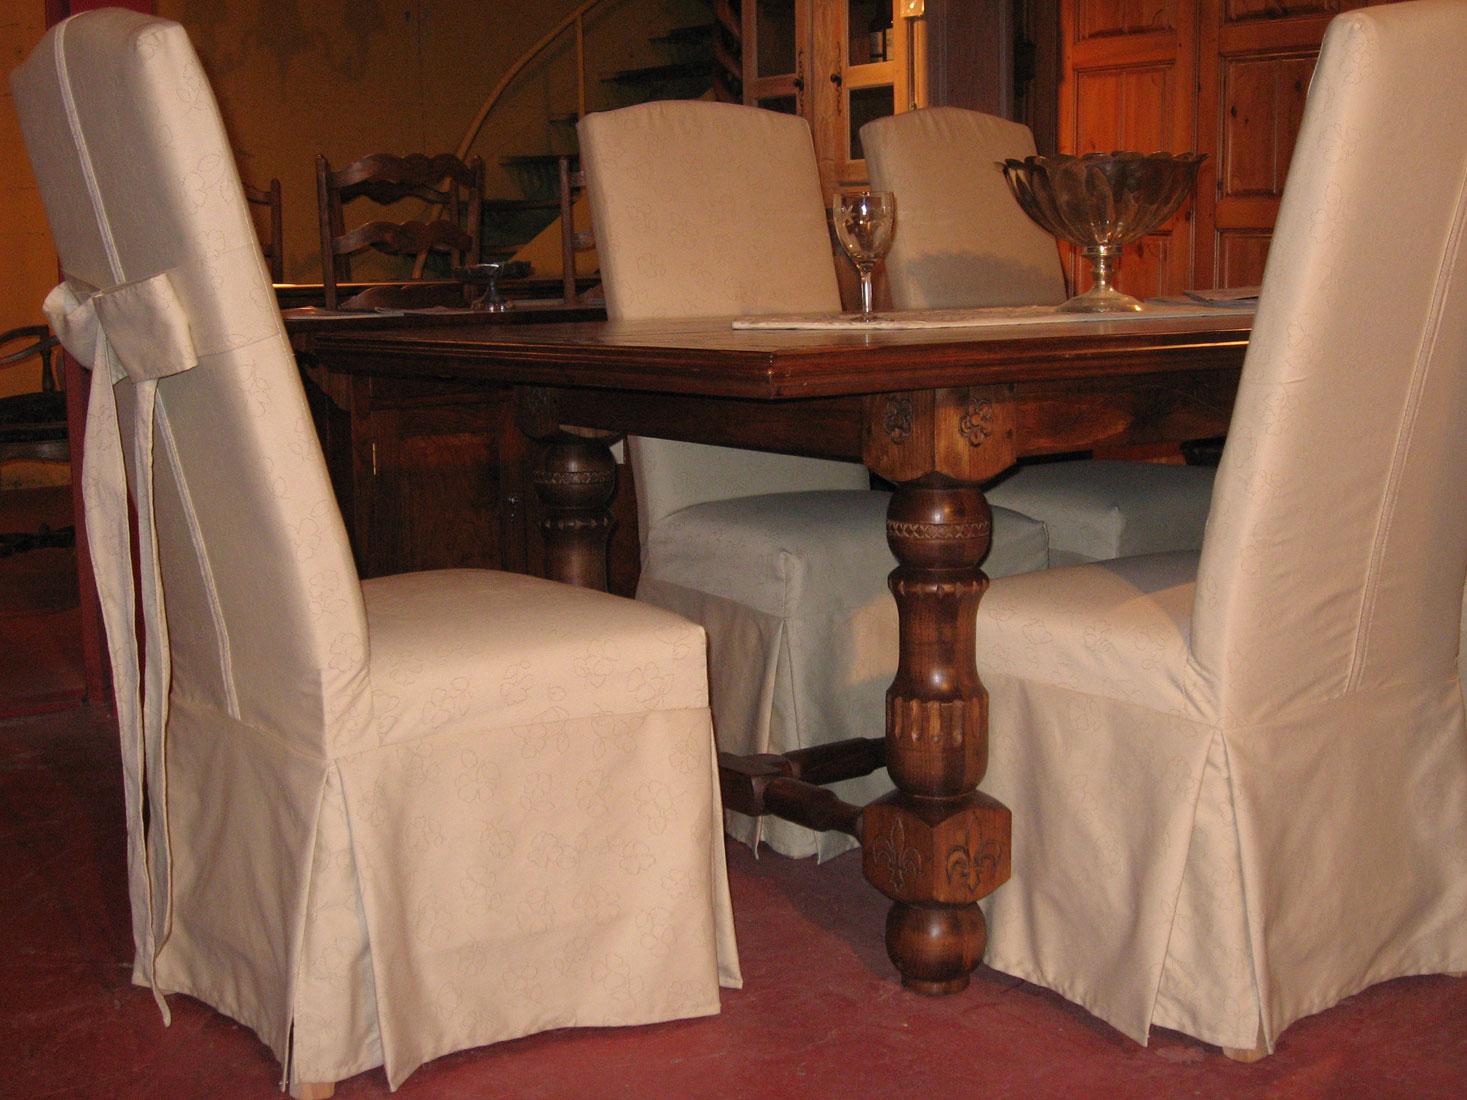 Dining Room Furniture Meubles Des Patriotes # Restaurer Un Meuble En Bois